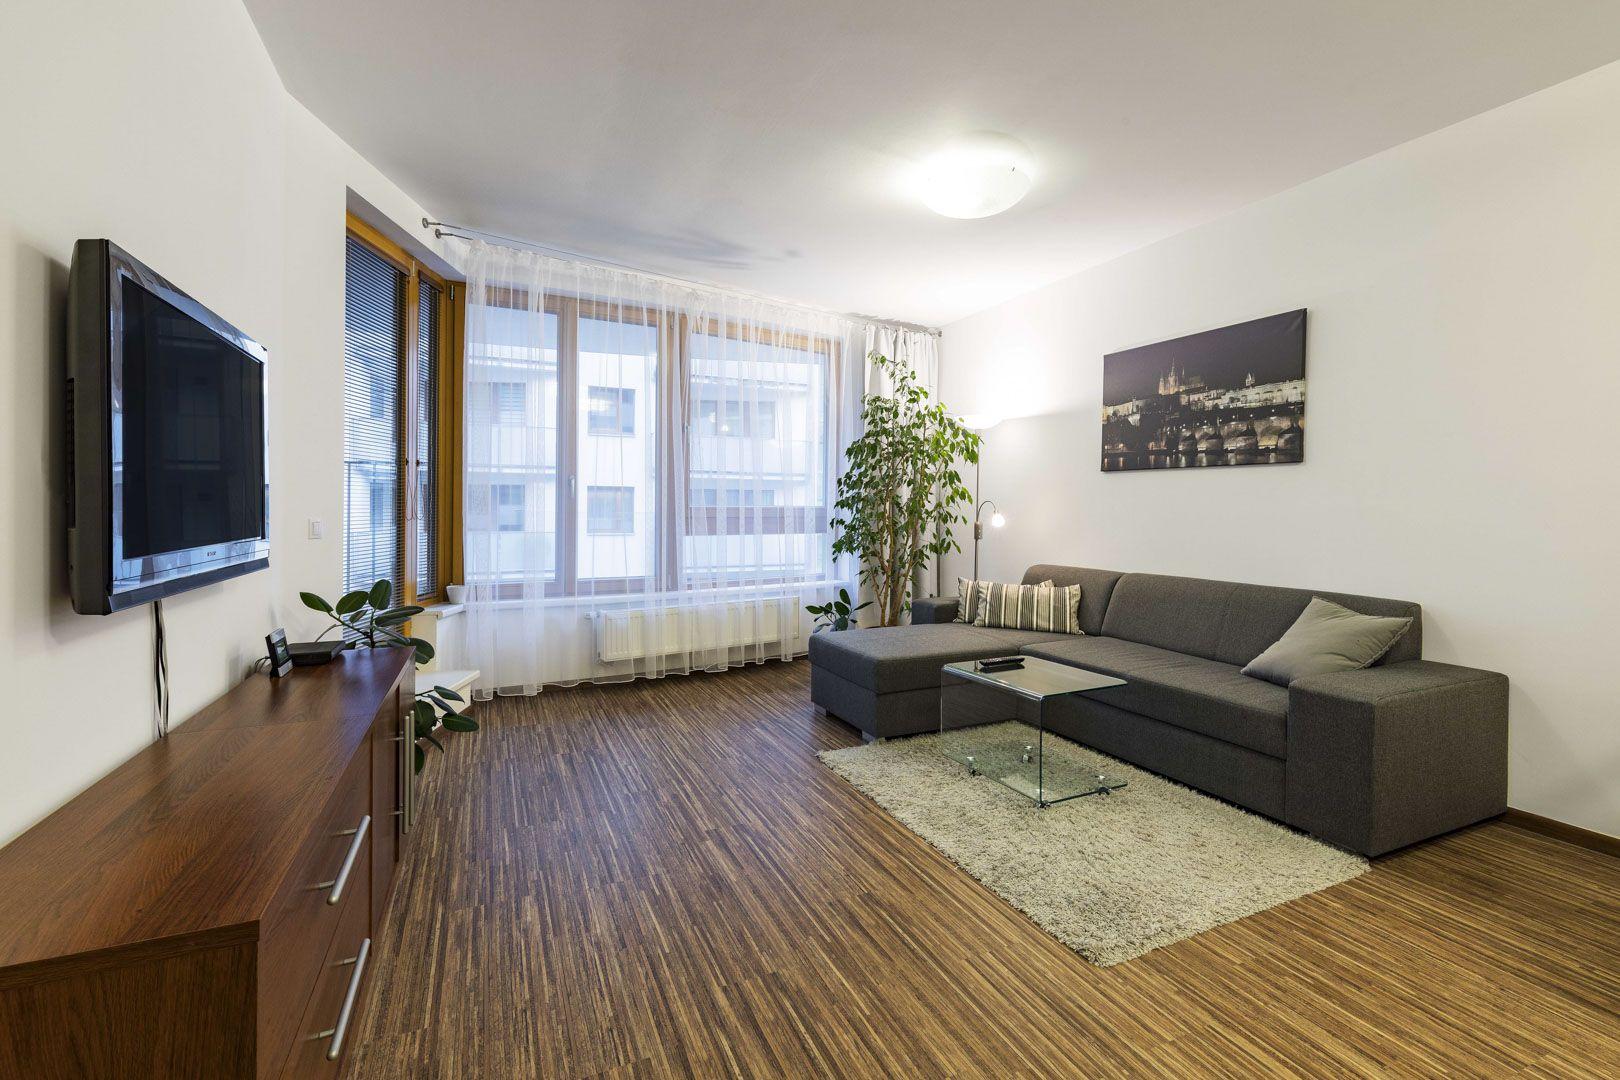 Byt v novostavbě u obchodního centra Nová Harfa, Vysočany